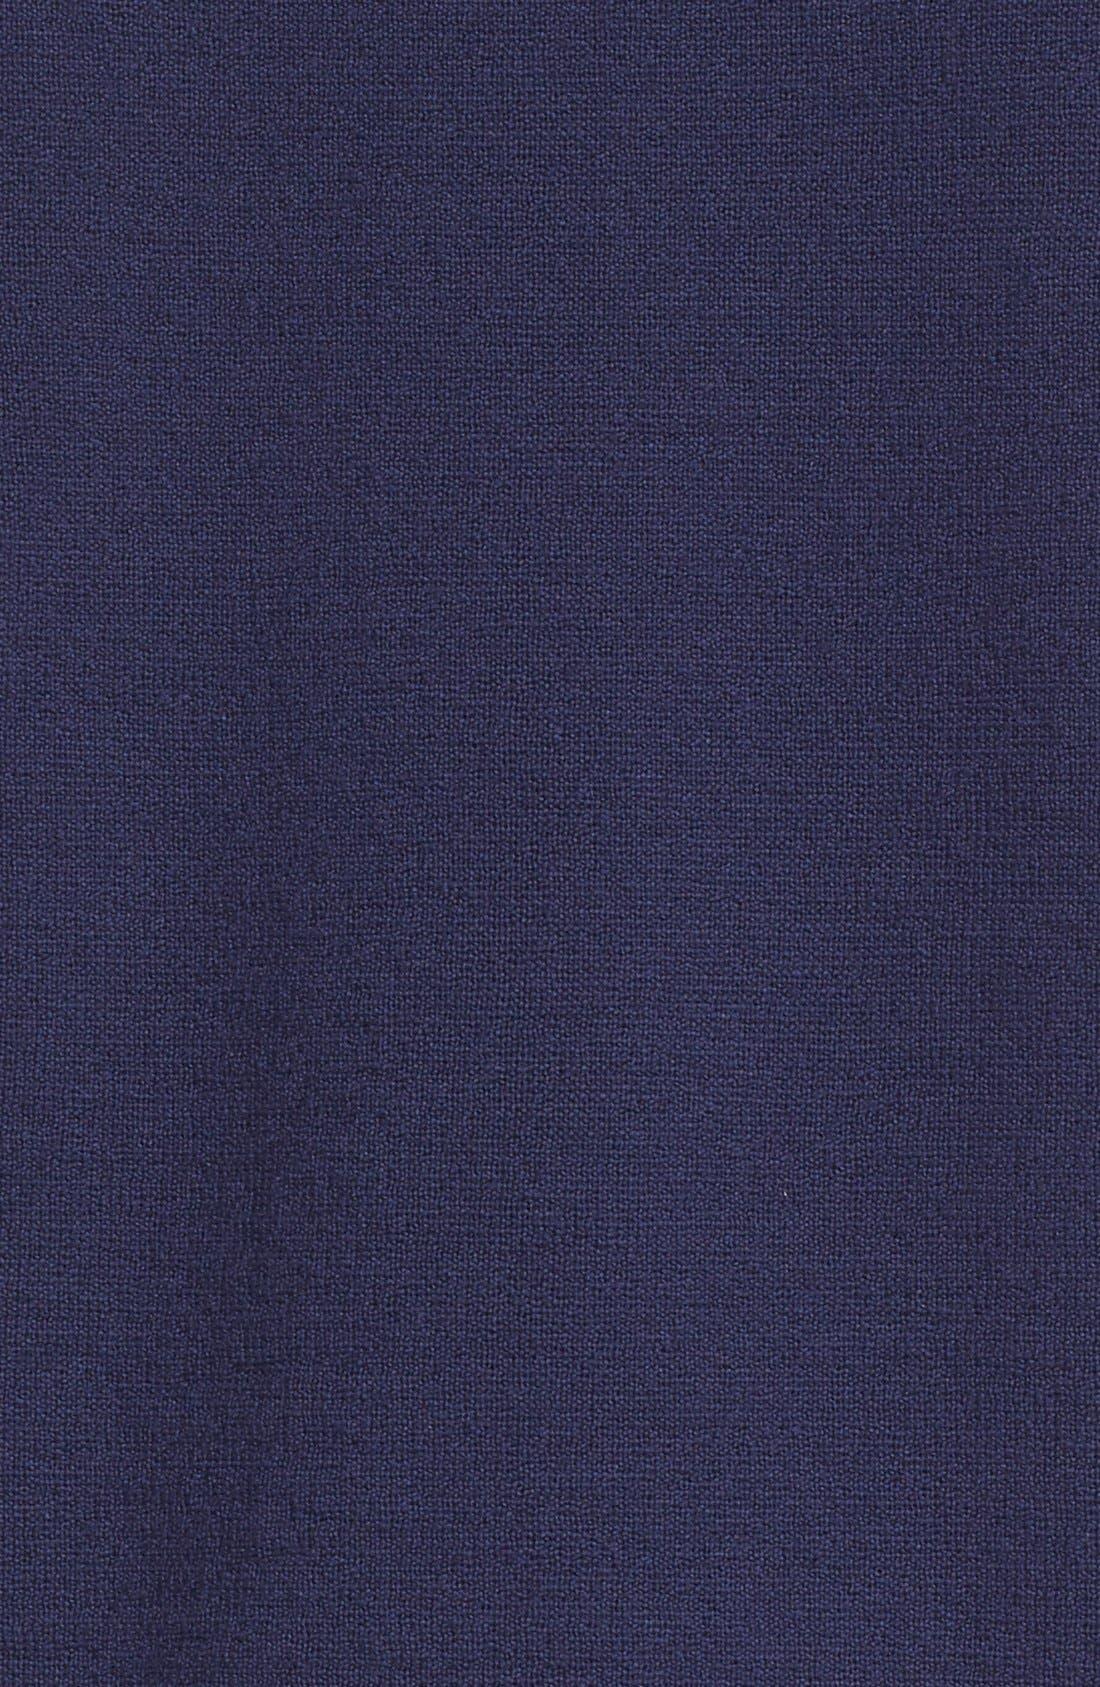 Alternate Image 3  - Altuzarra Deals Lace Detail Wool Sweater